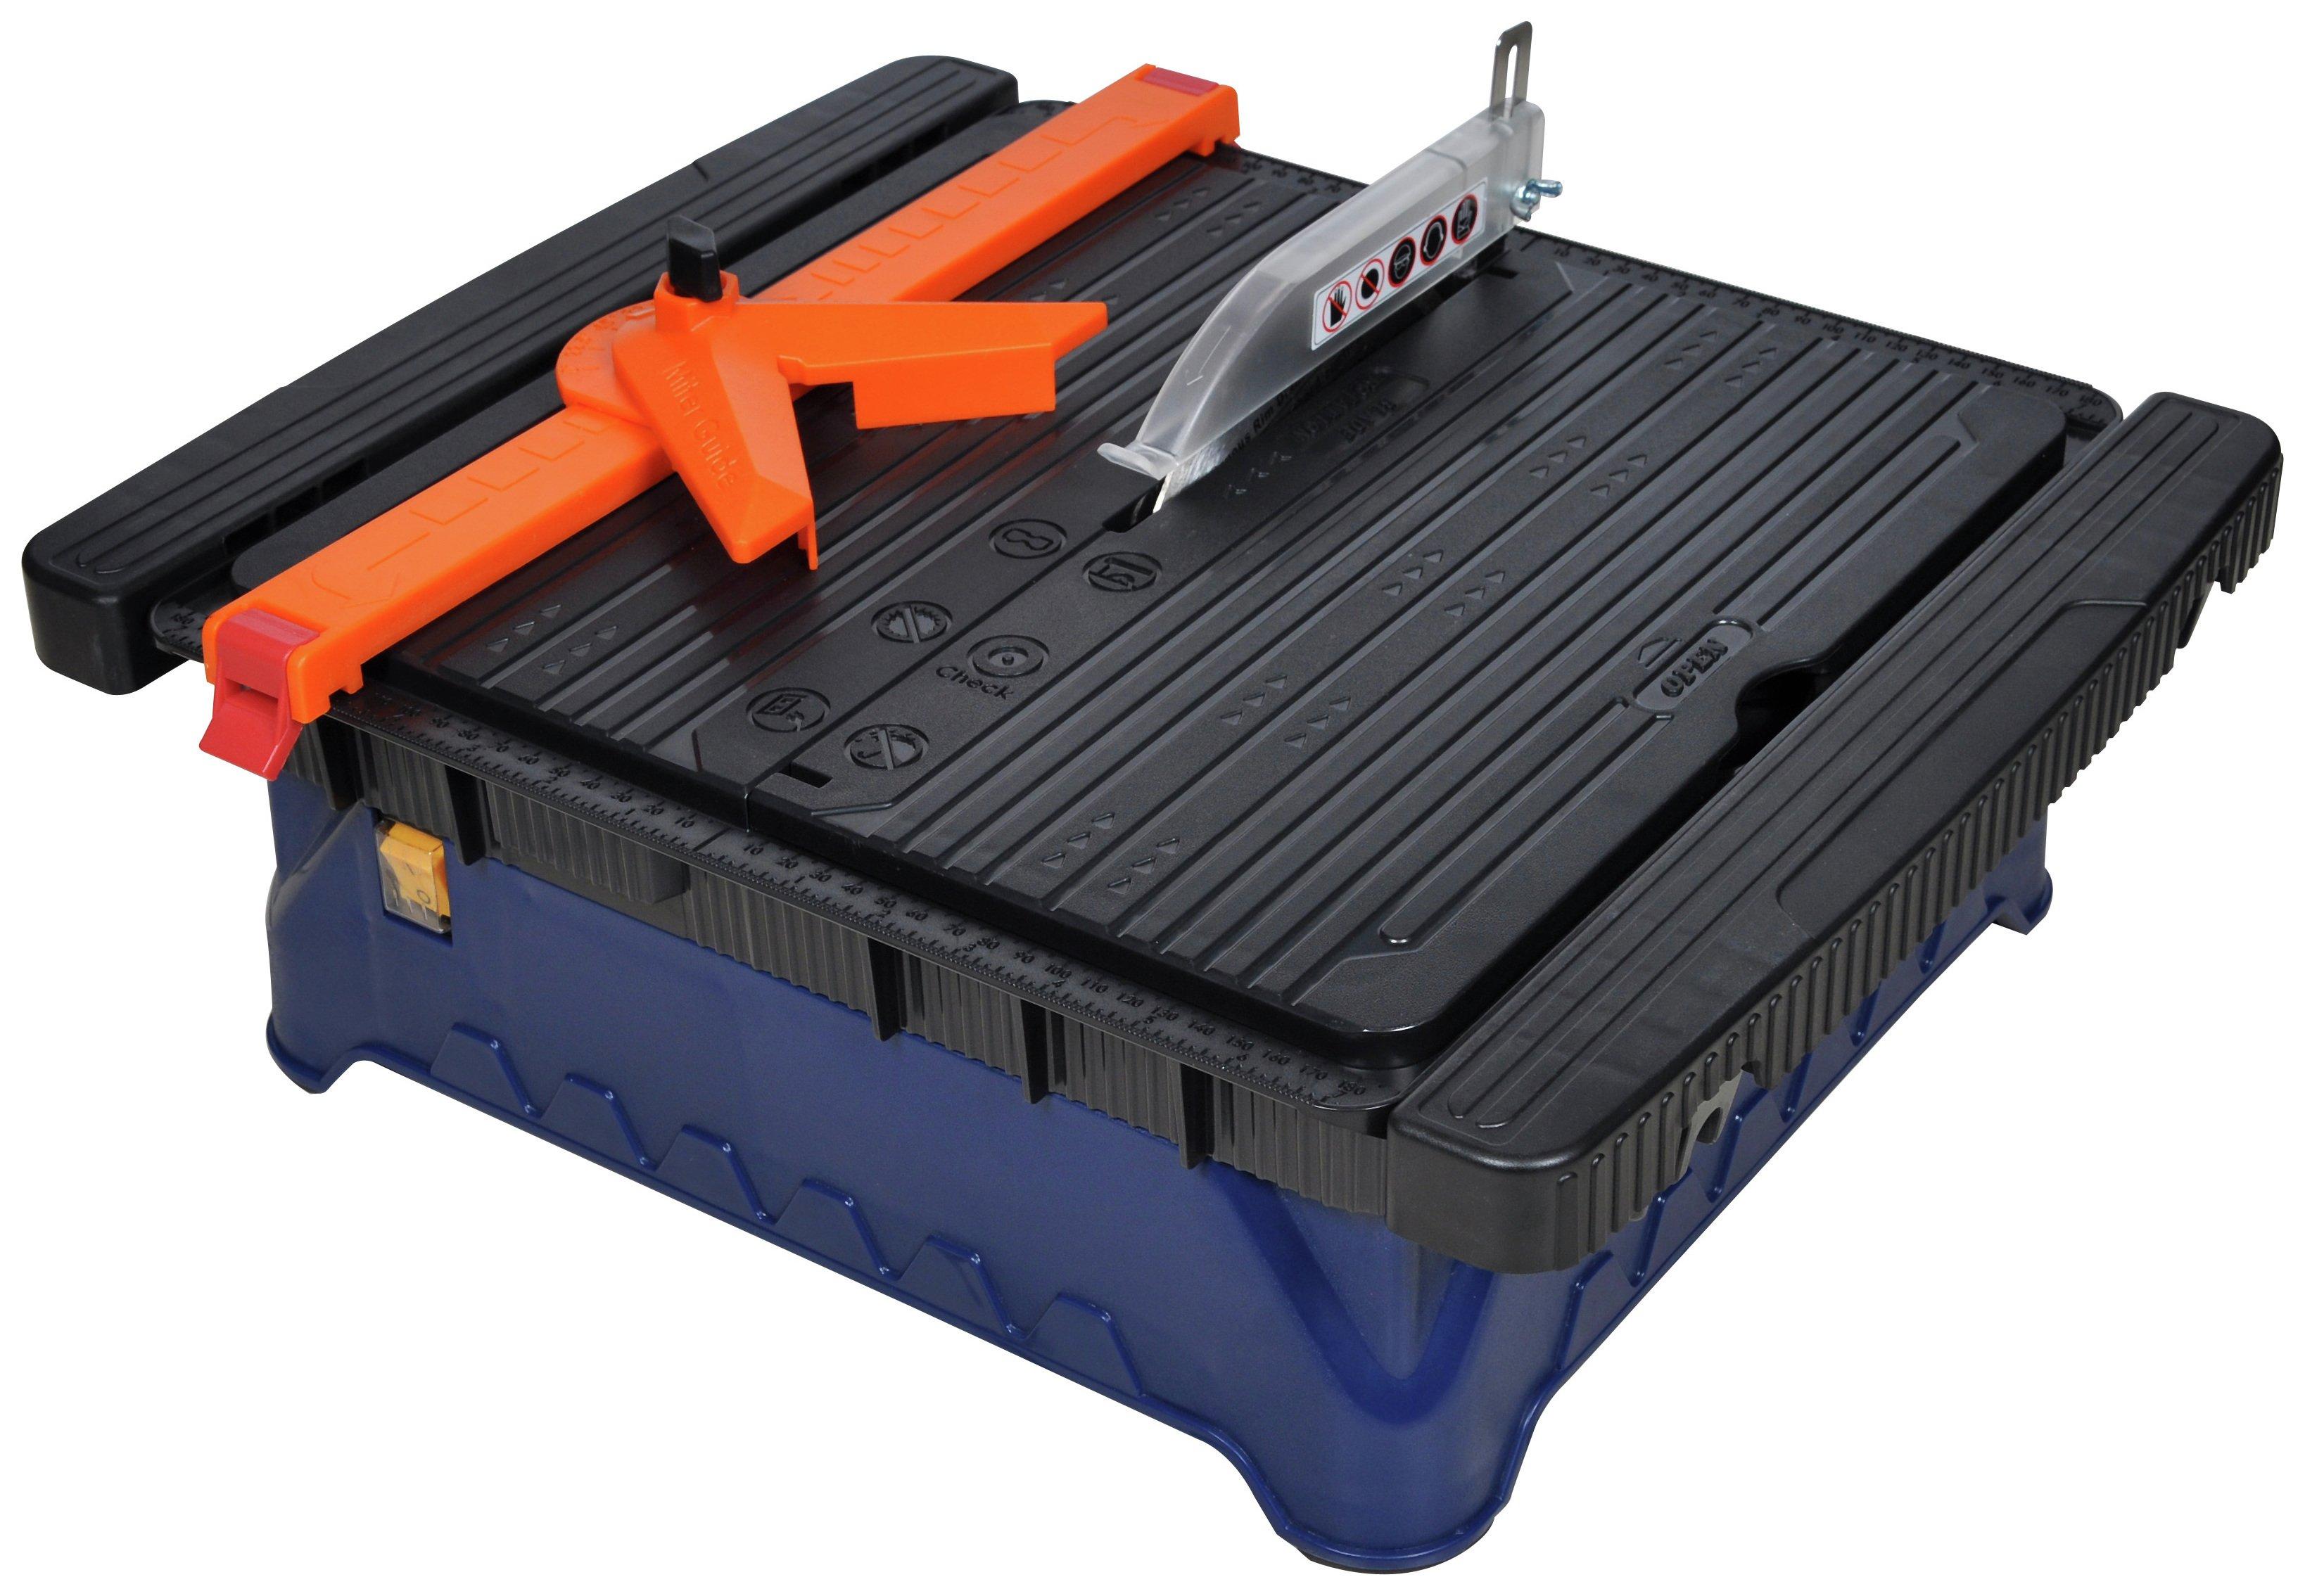 Vitrex - WS560180 Power Pro 560W Wet Saw lowest price